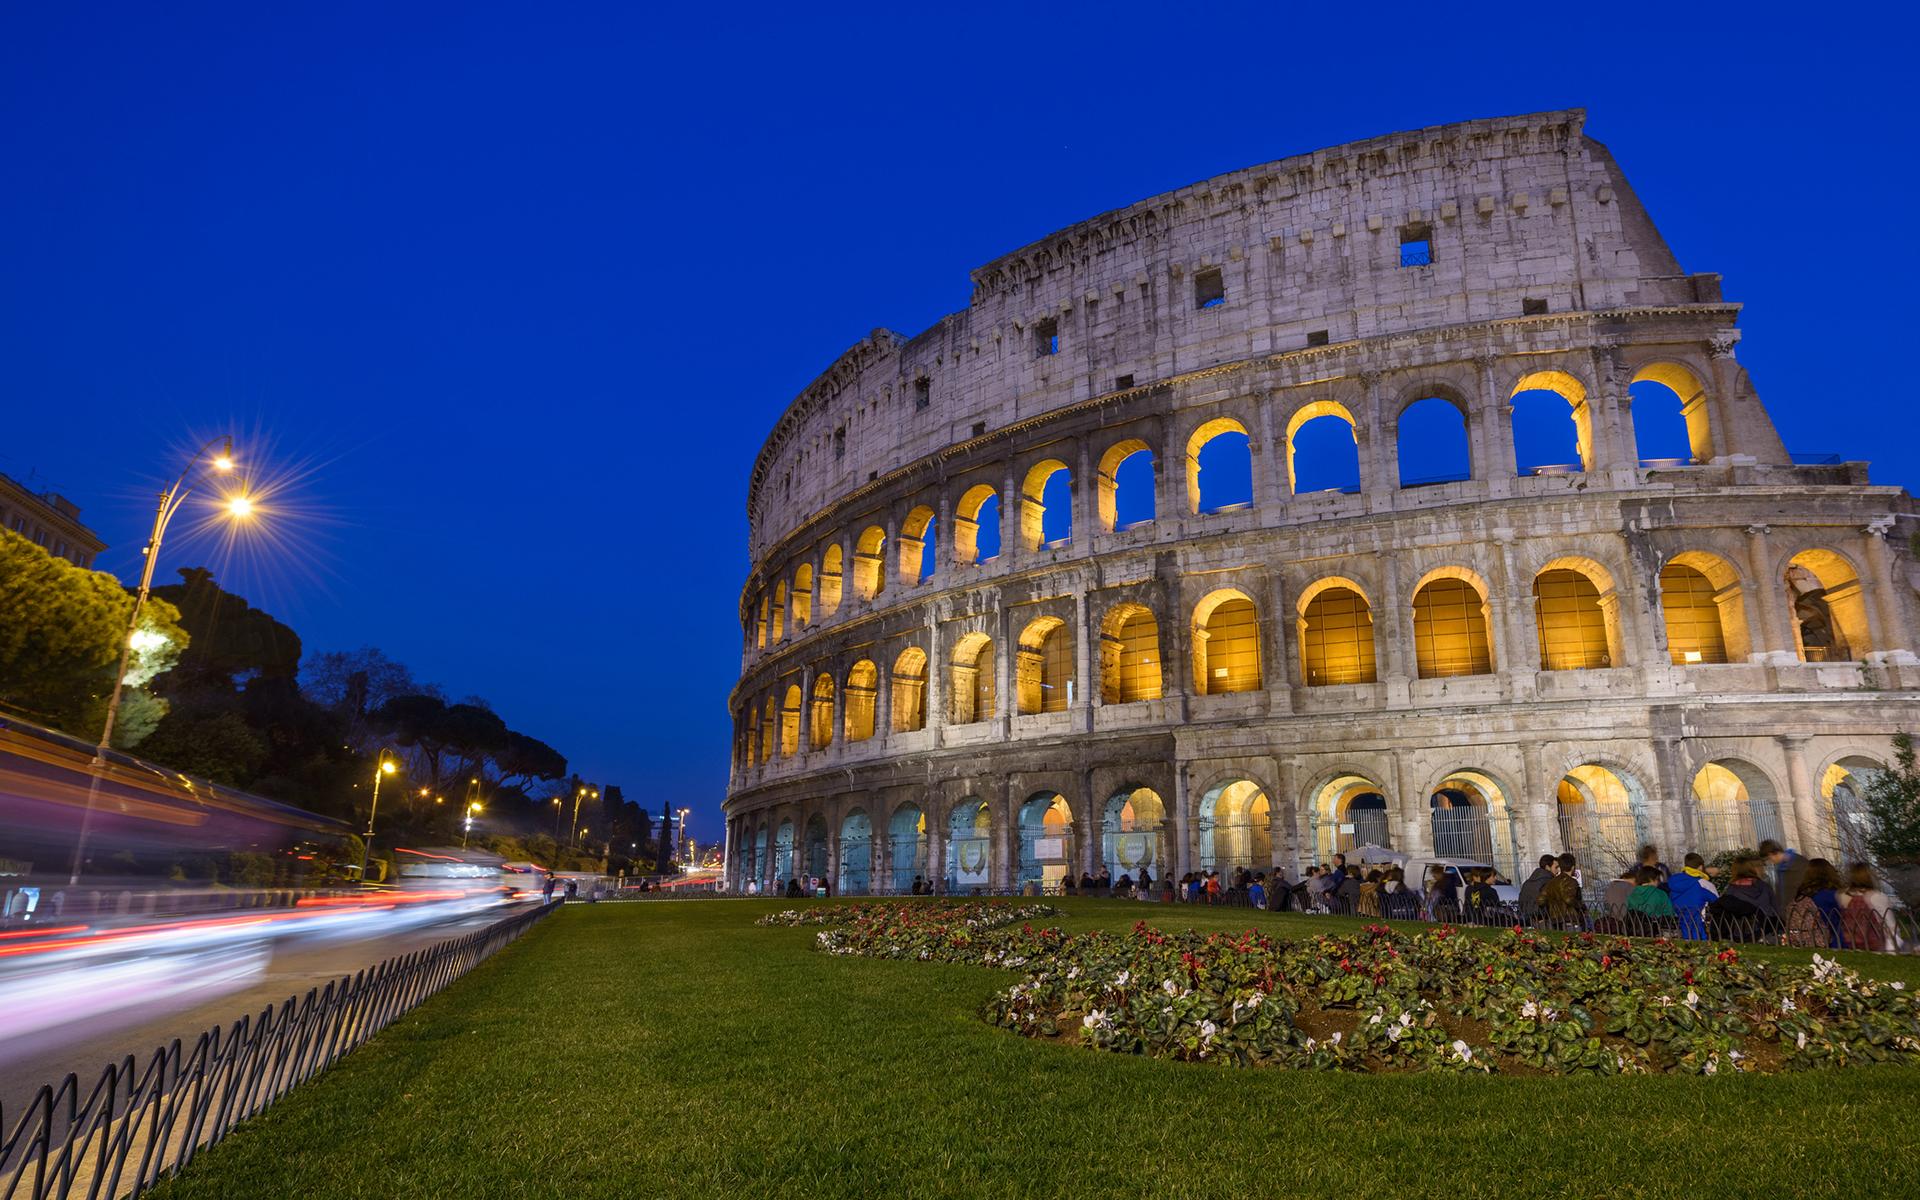 Colosseum Rome Night Timelapse Wallpaper